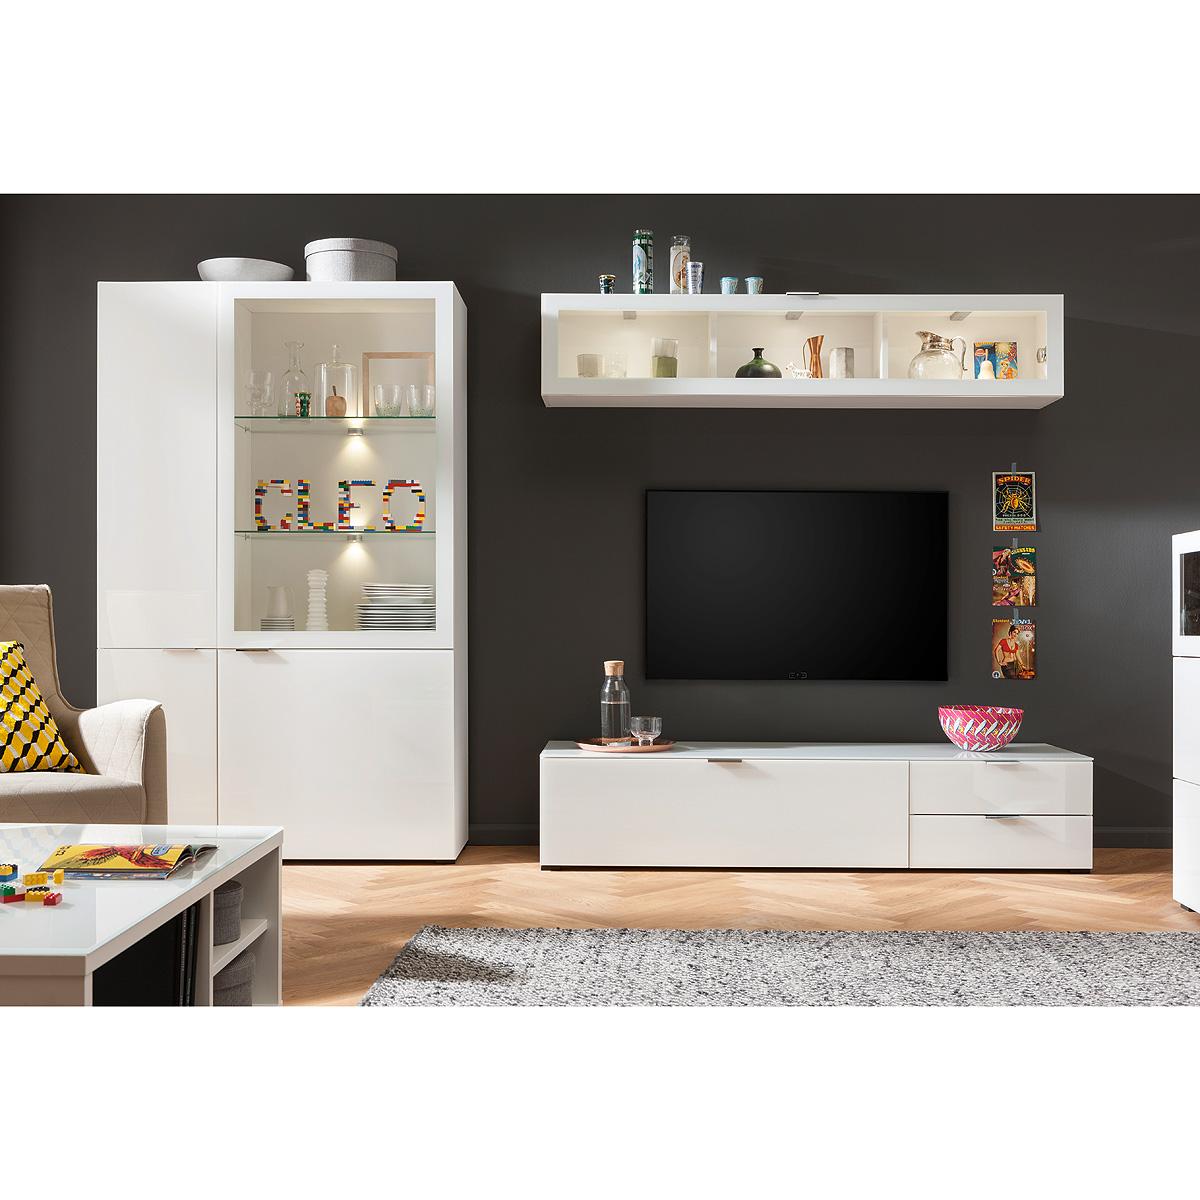 wohnzimmer holztisch wei inspiration design raum und m bel f r ihre wohnkultur. Black Bedroom Furniture Sets. Home Design Ideas